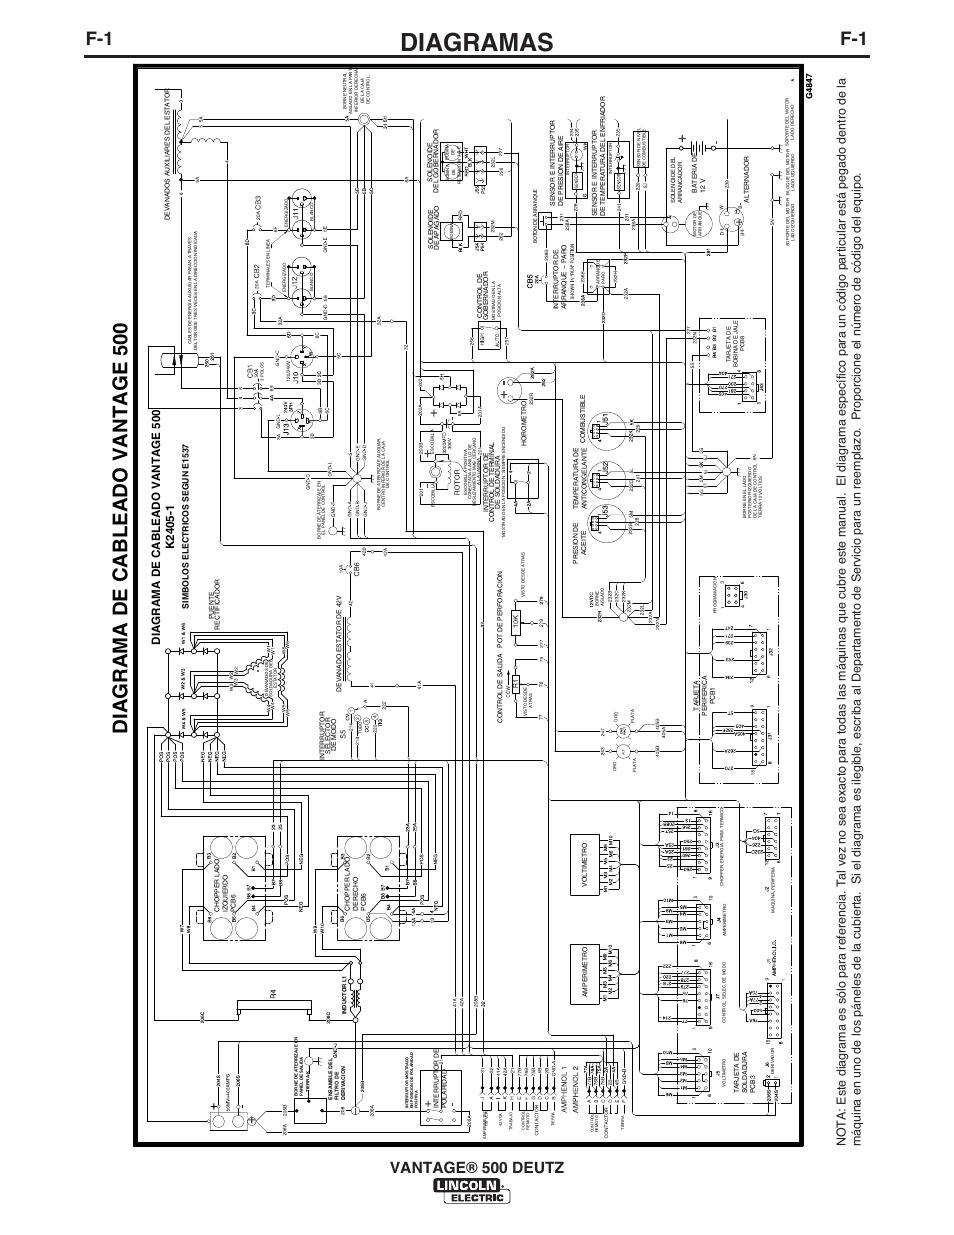 diagramas  diagrama de cableado vantage 500  vantage u00ae 500